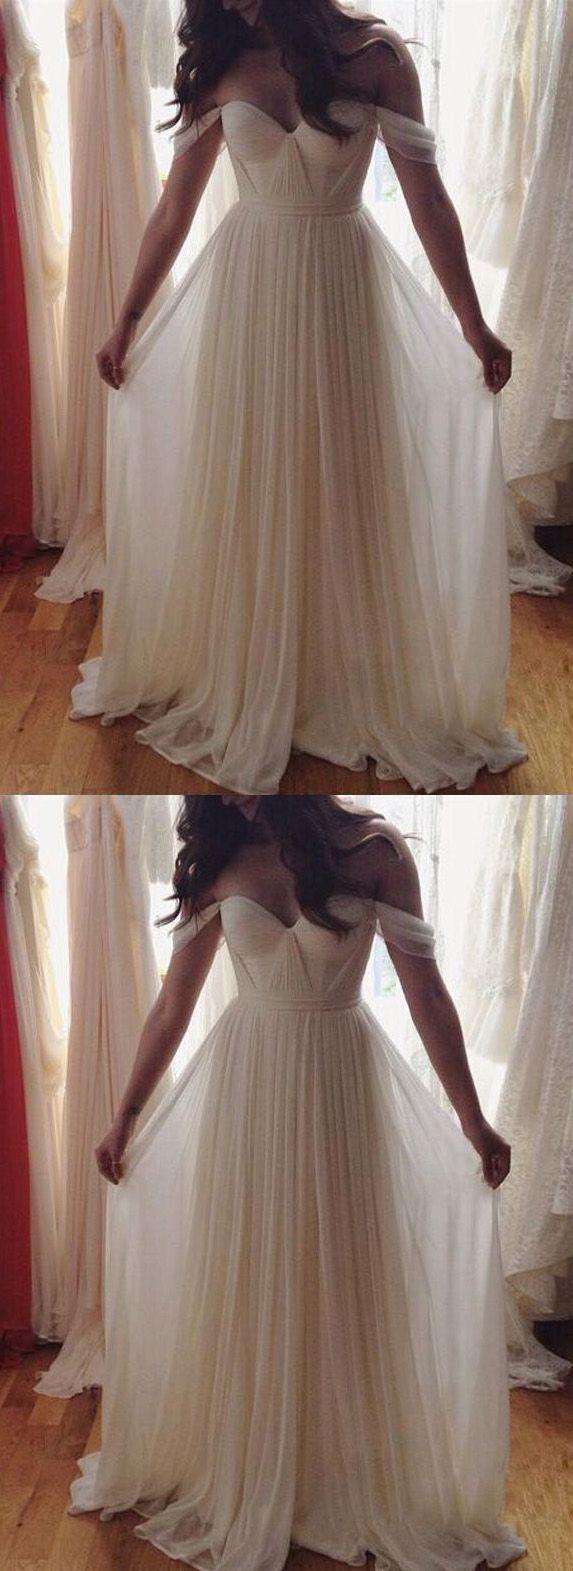 Off shoulder beach wedding gowns beach wedding dress chiffon prom